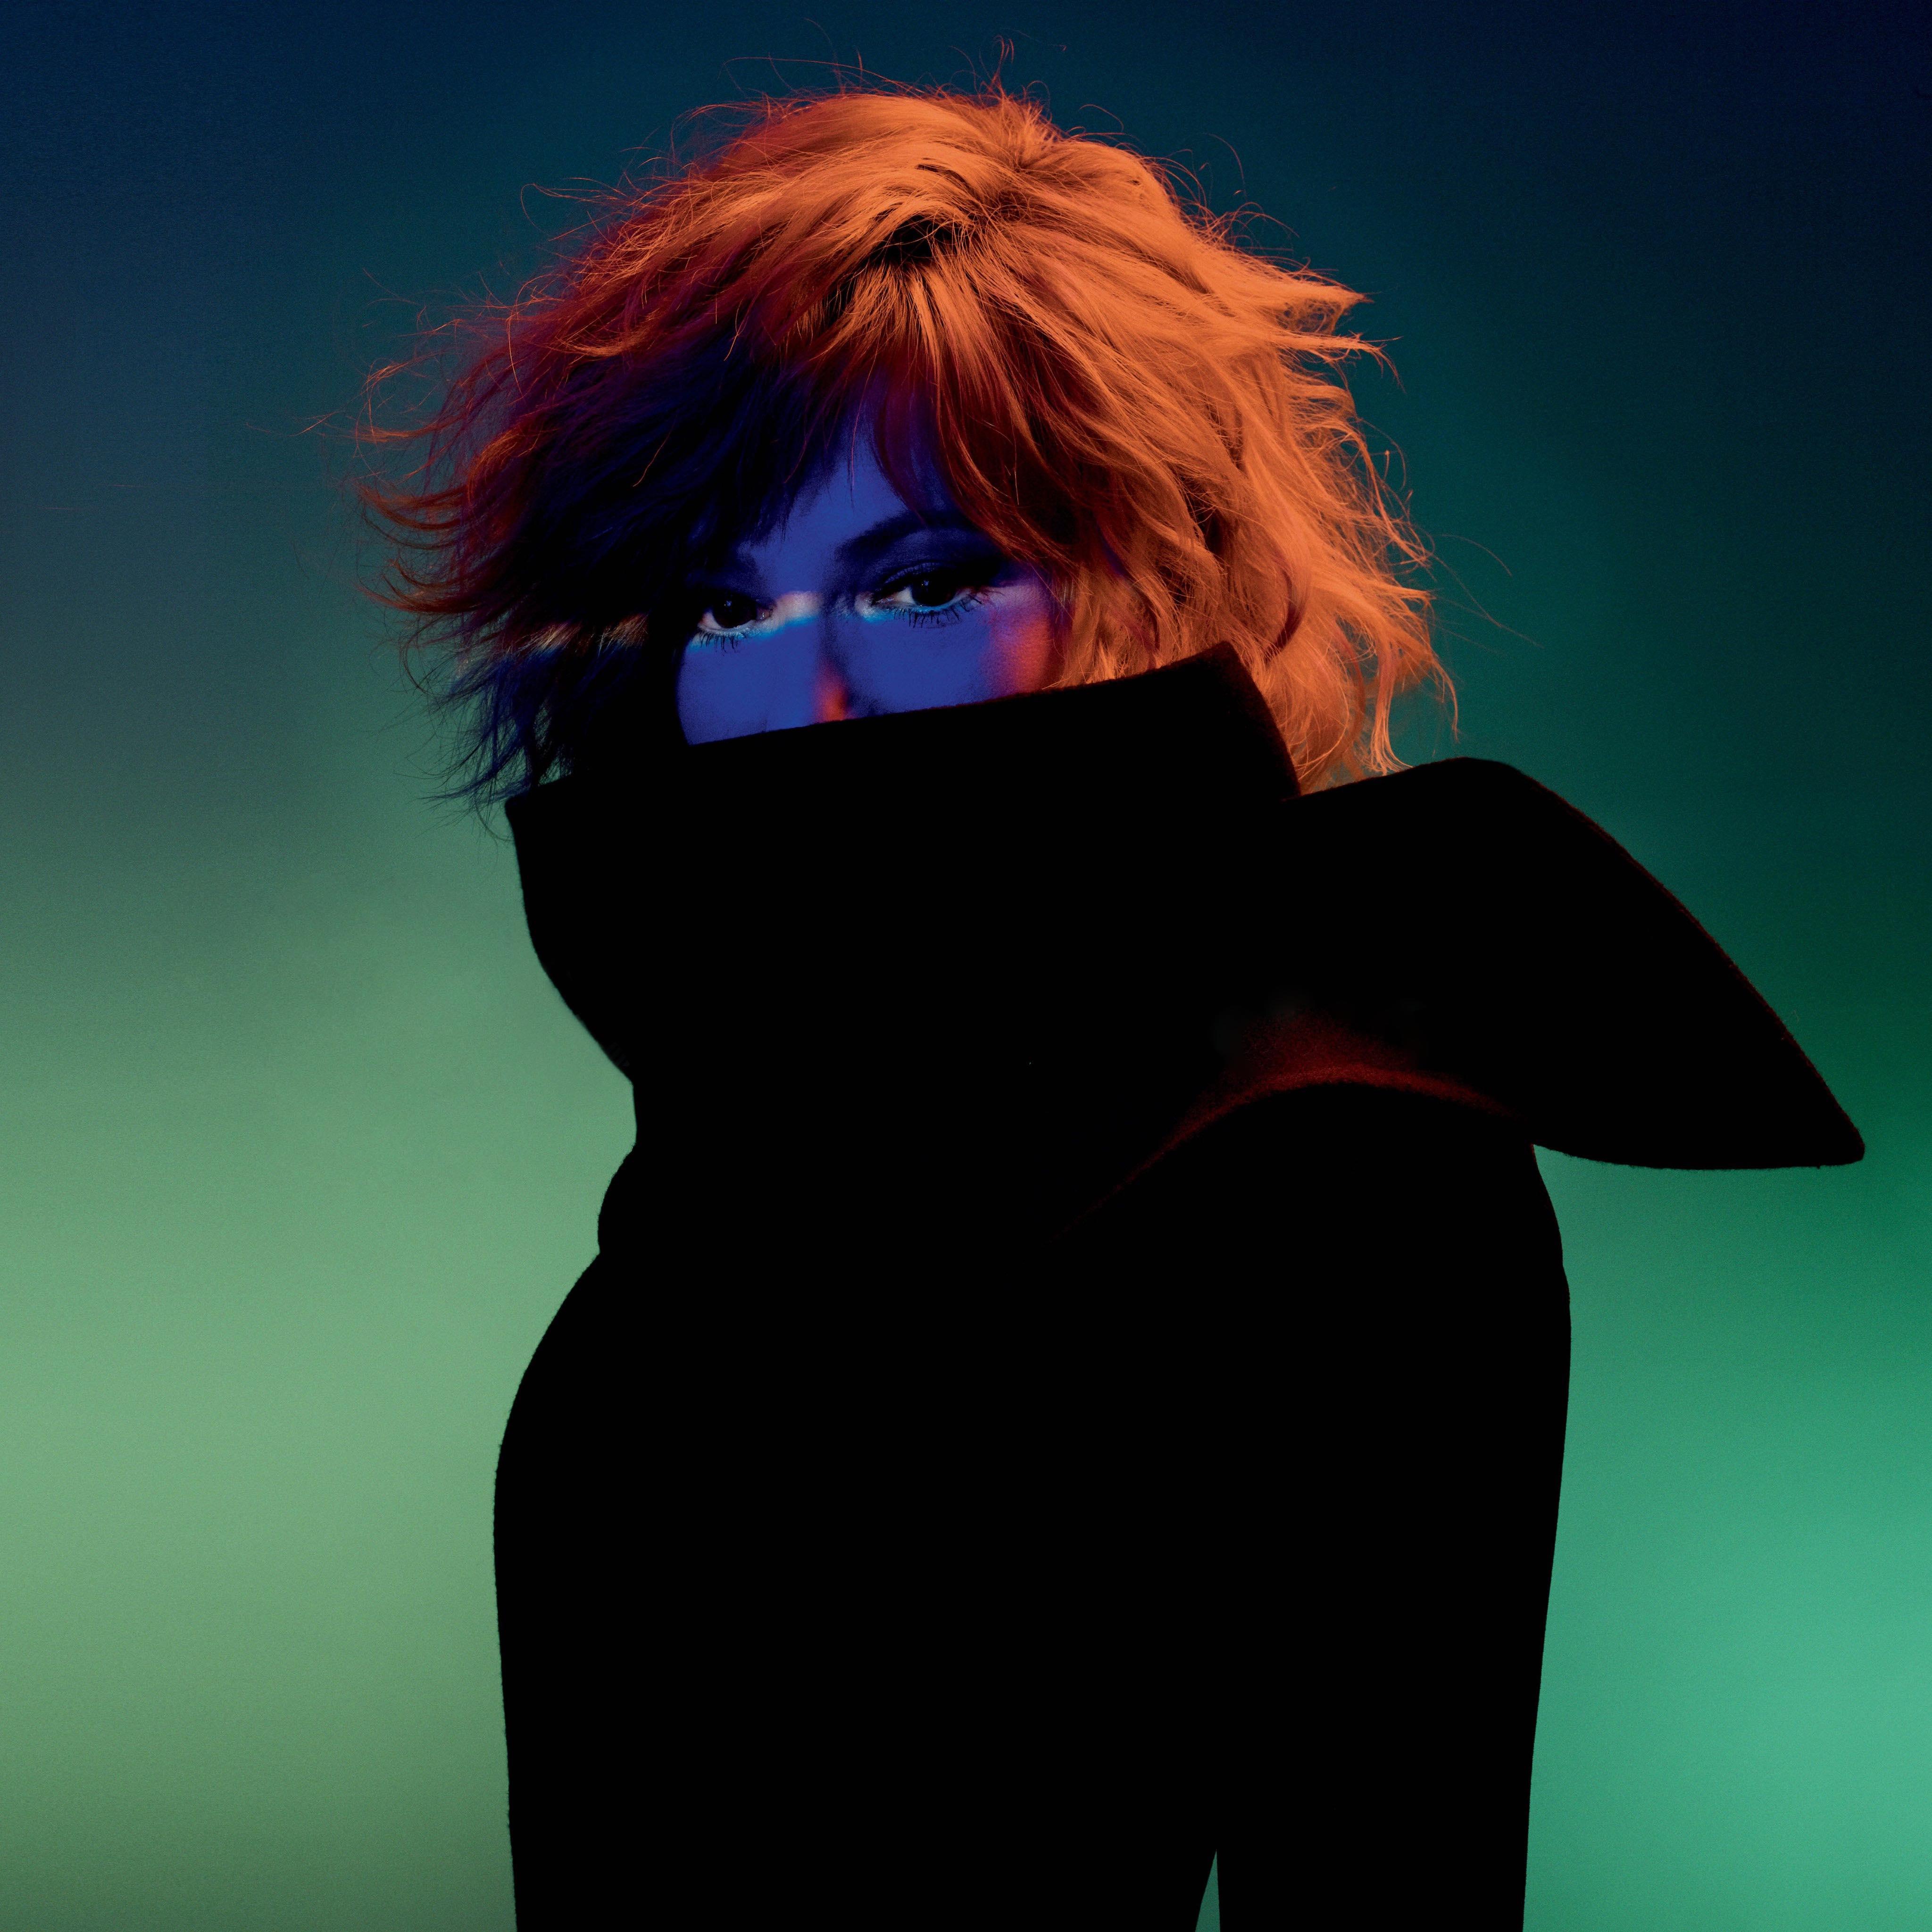 Mylene Farmer French Singer Redhead Wolf Closed Eyes 4096x4096